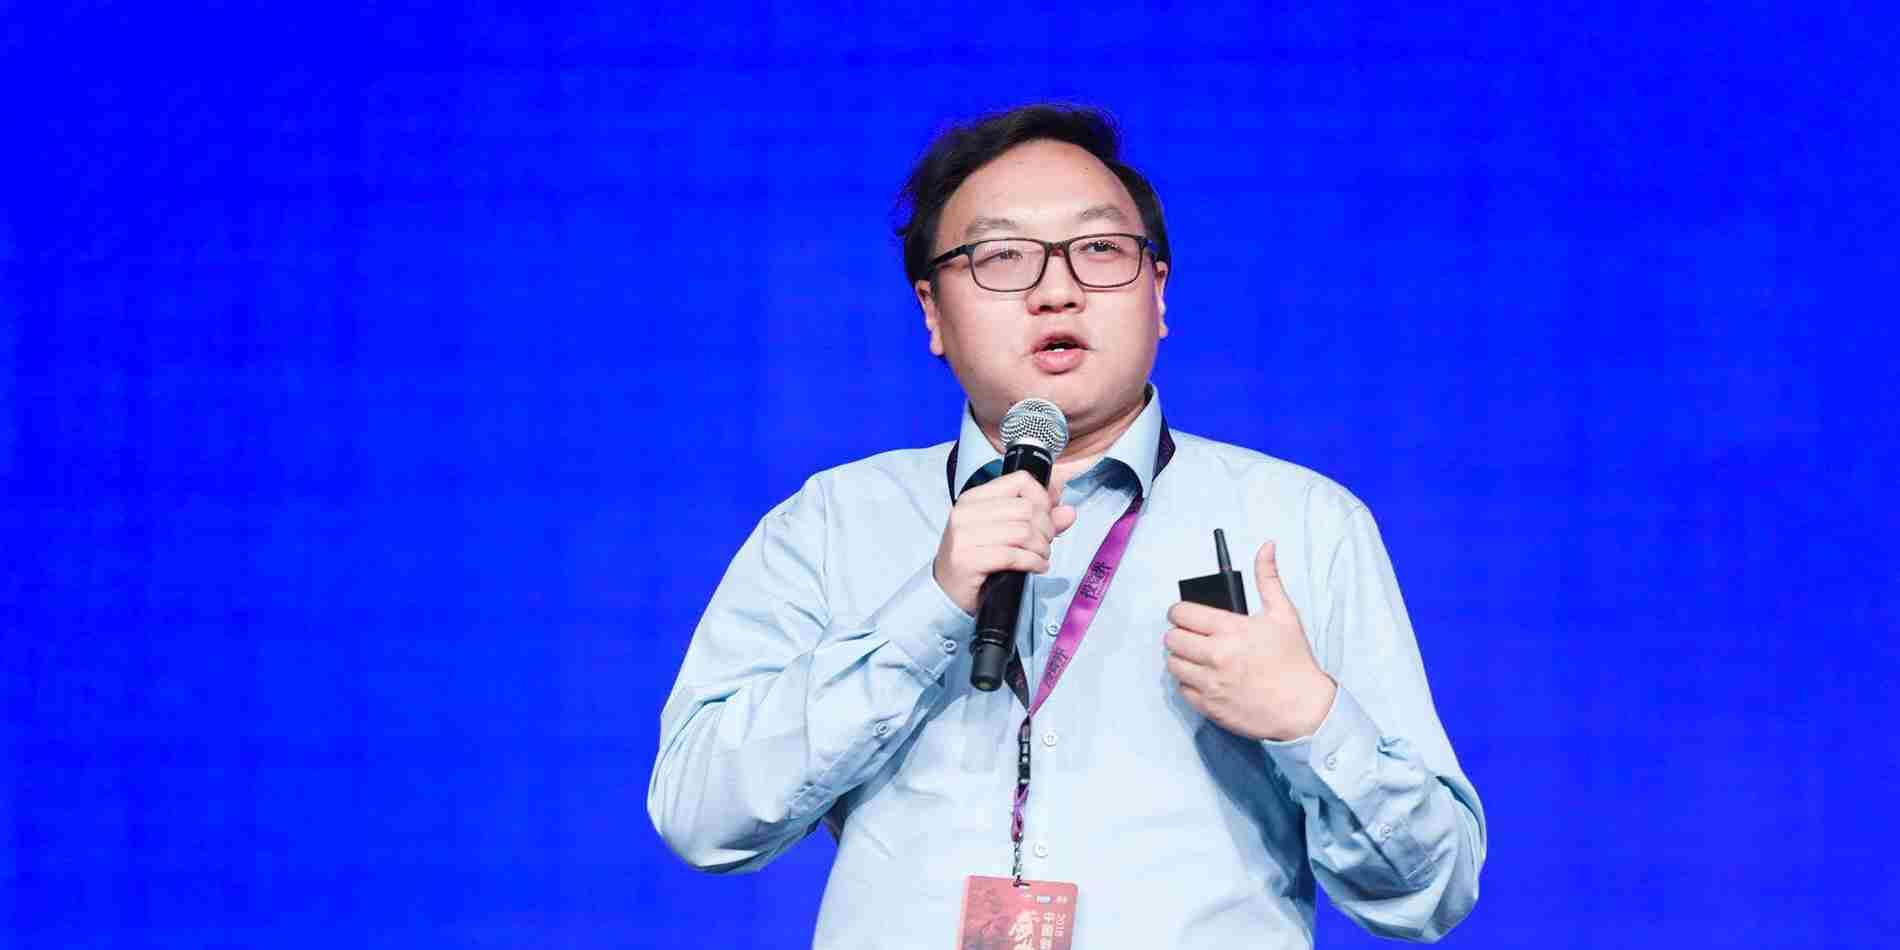 众盟数据广宇昊:新零售革命,挖掘线下流量蓝海,打通线上线下数据